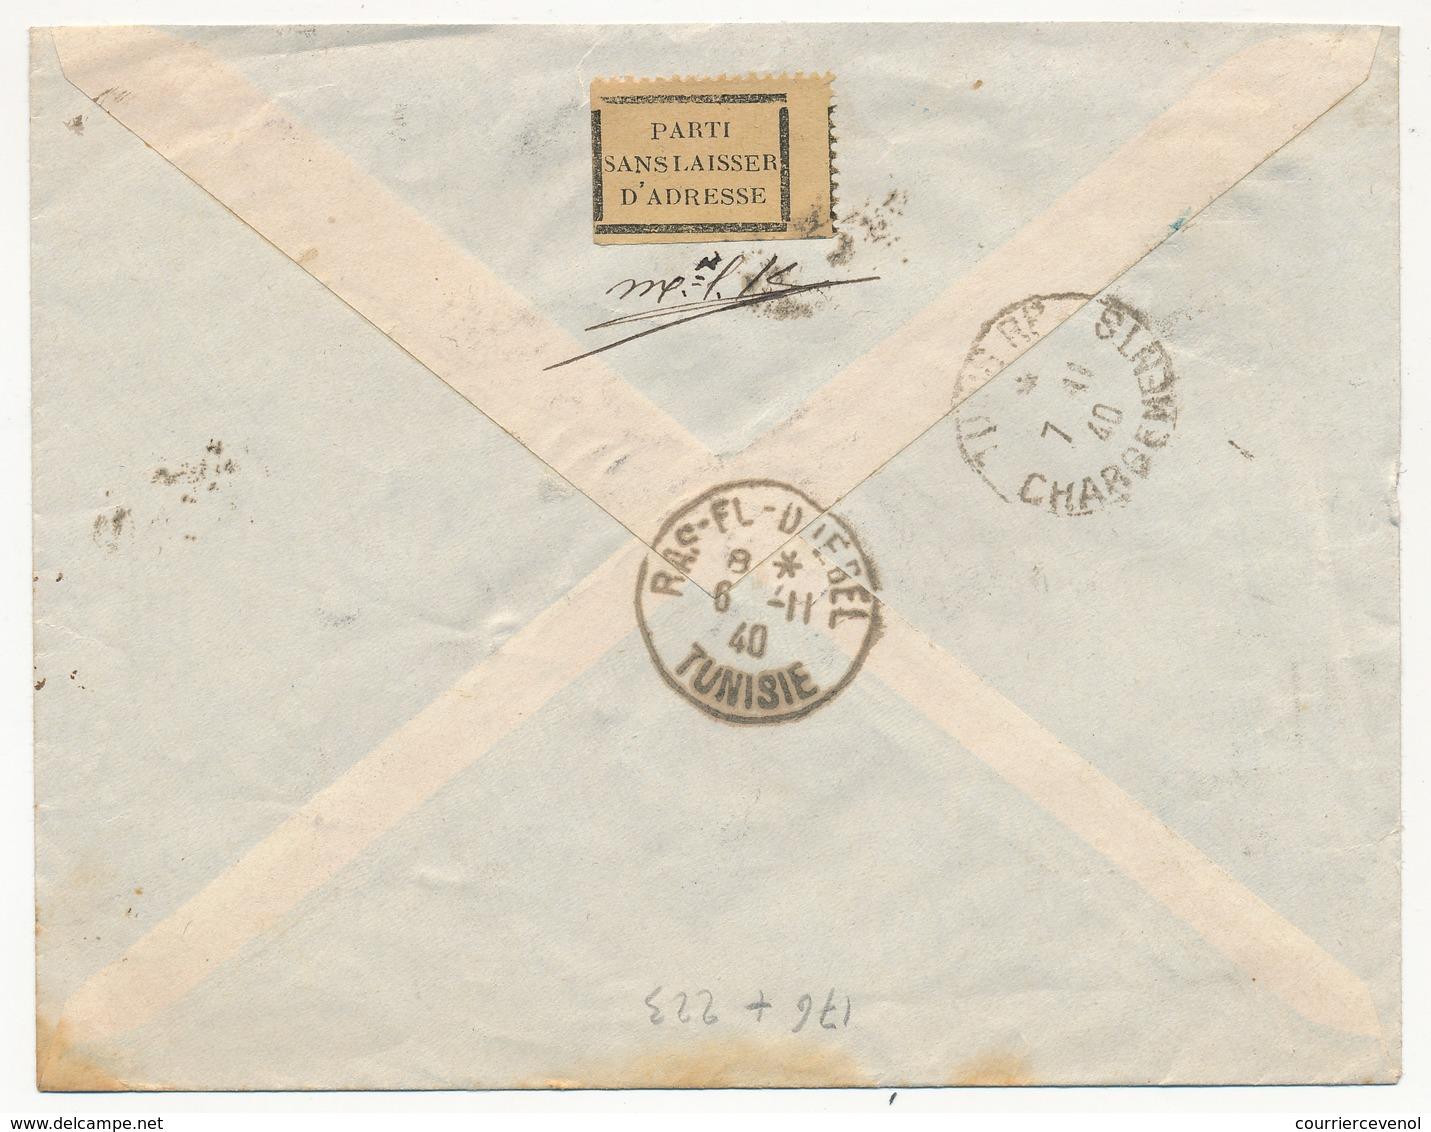 TUNISIE - Env. Recommandée De TUNIS-ROUSTAN Pour RAS-DJEBEL - Retour à L'envoyeur 38 - 1940 - Lettres & Documents